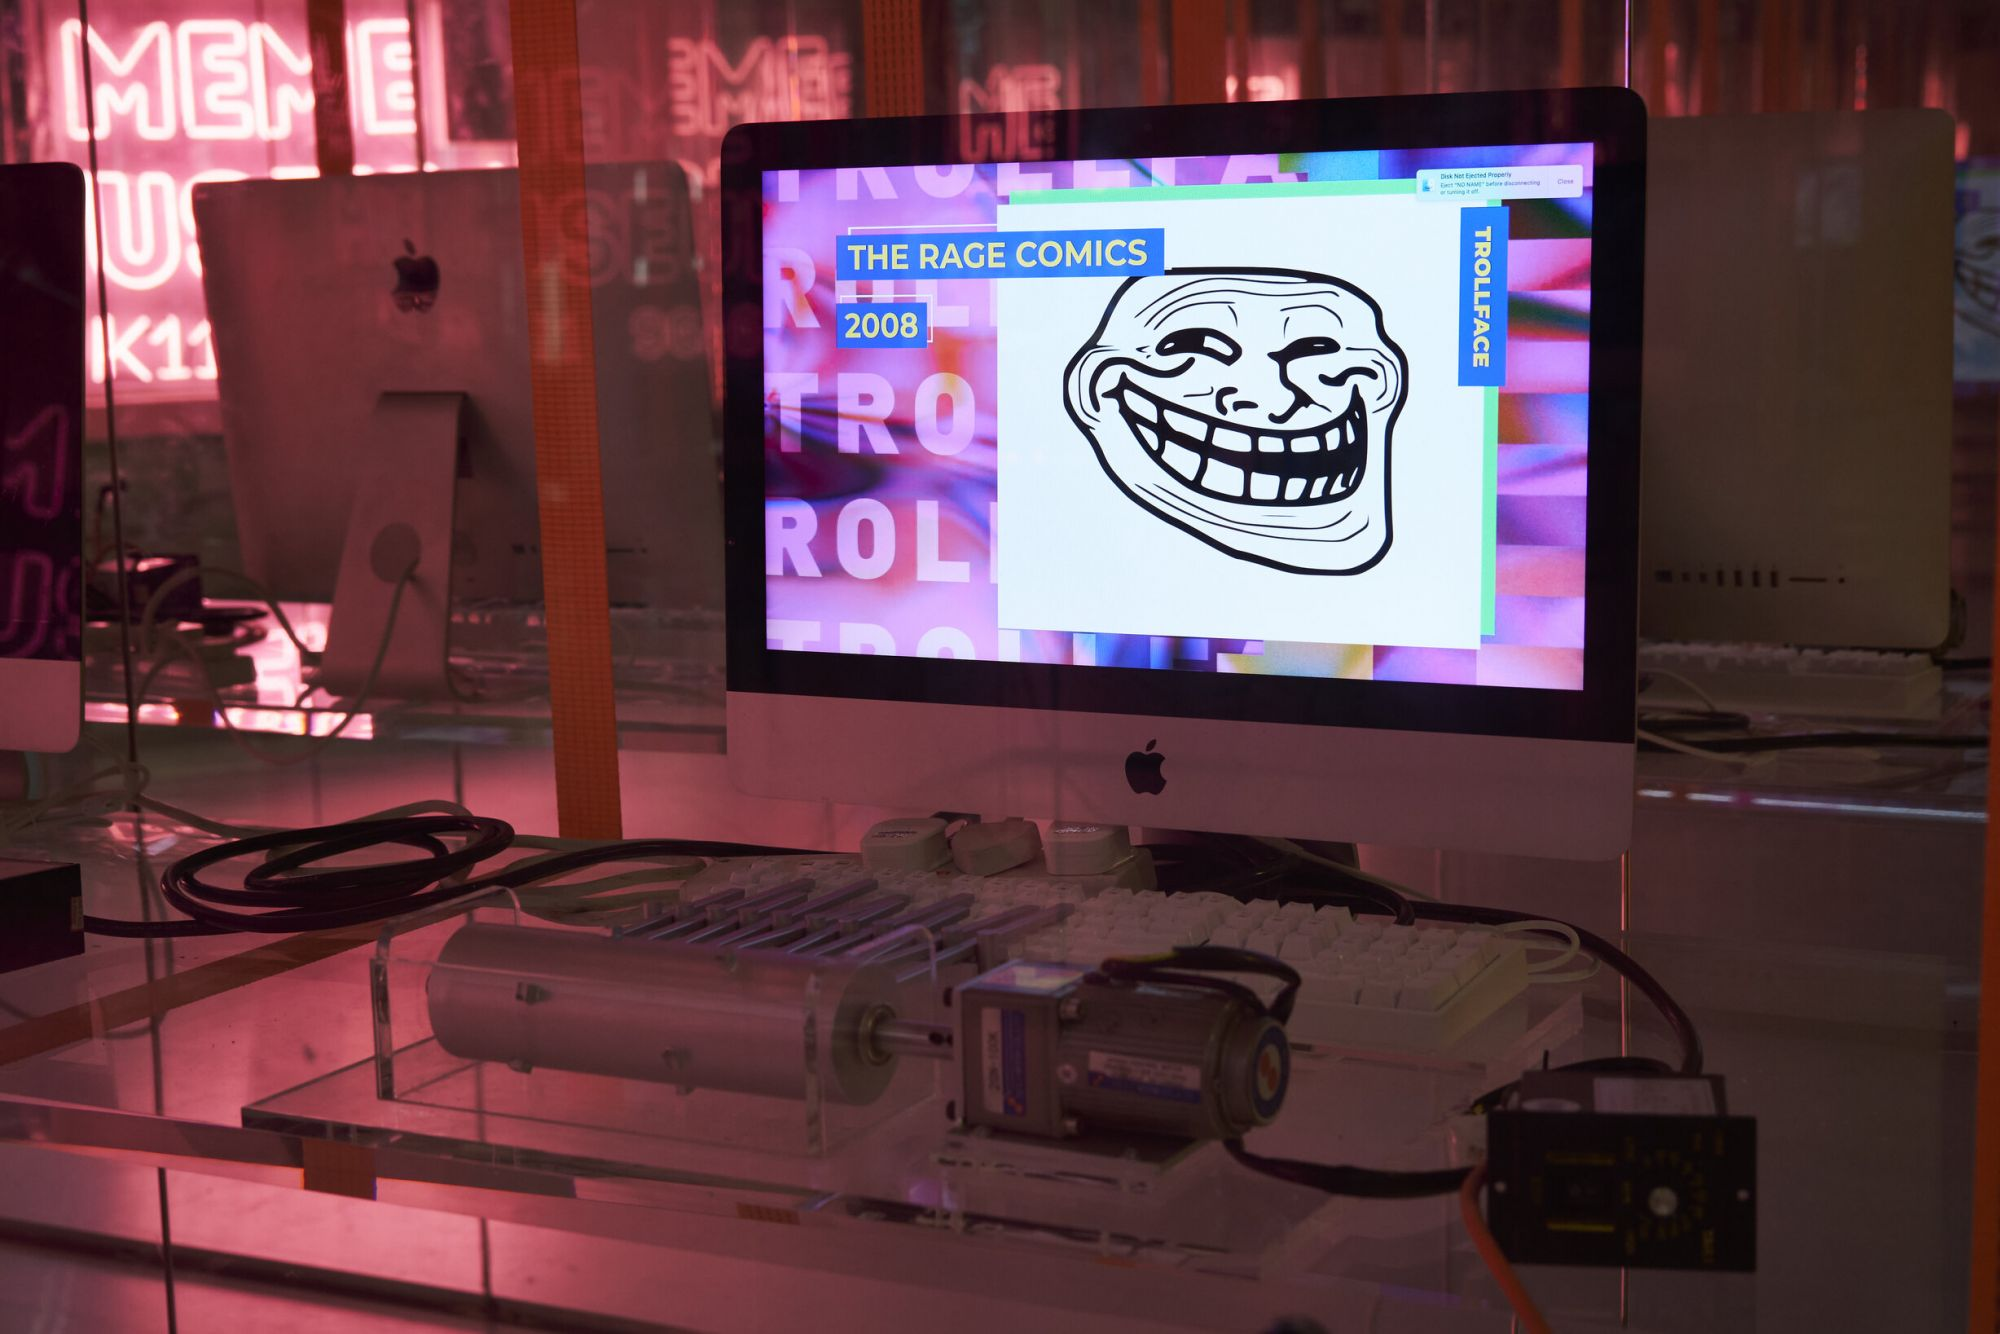 Онлайн-платформа с мемами 9GAG открыла музей мемов в Гонконге. Как он выглядит